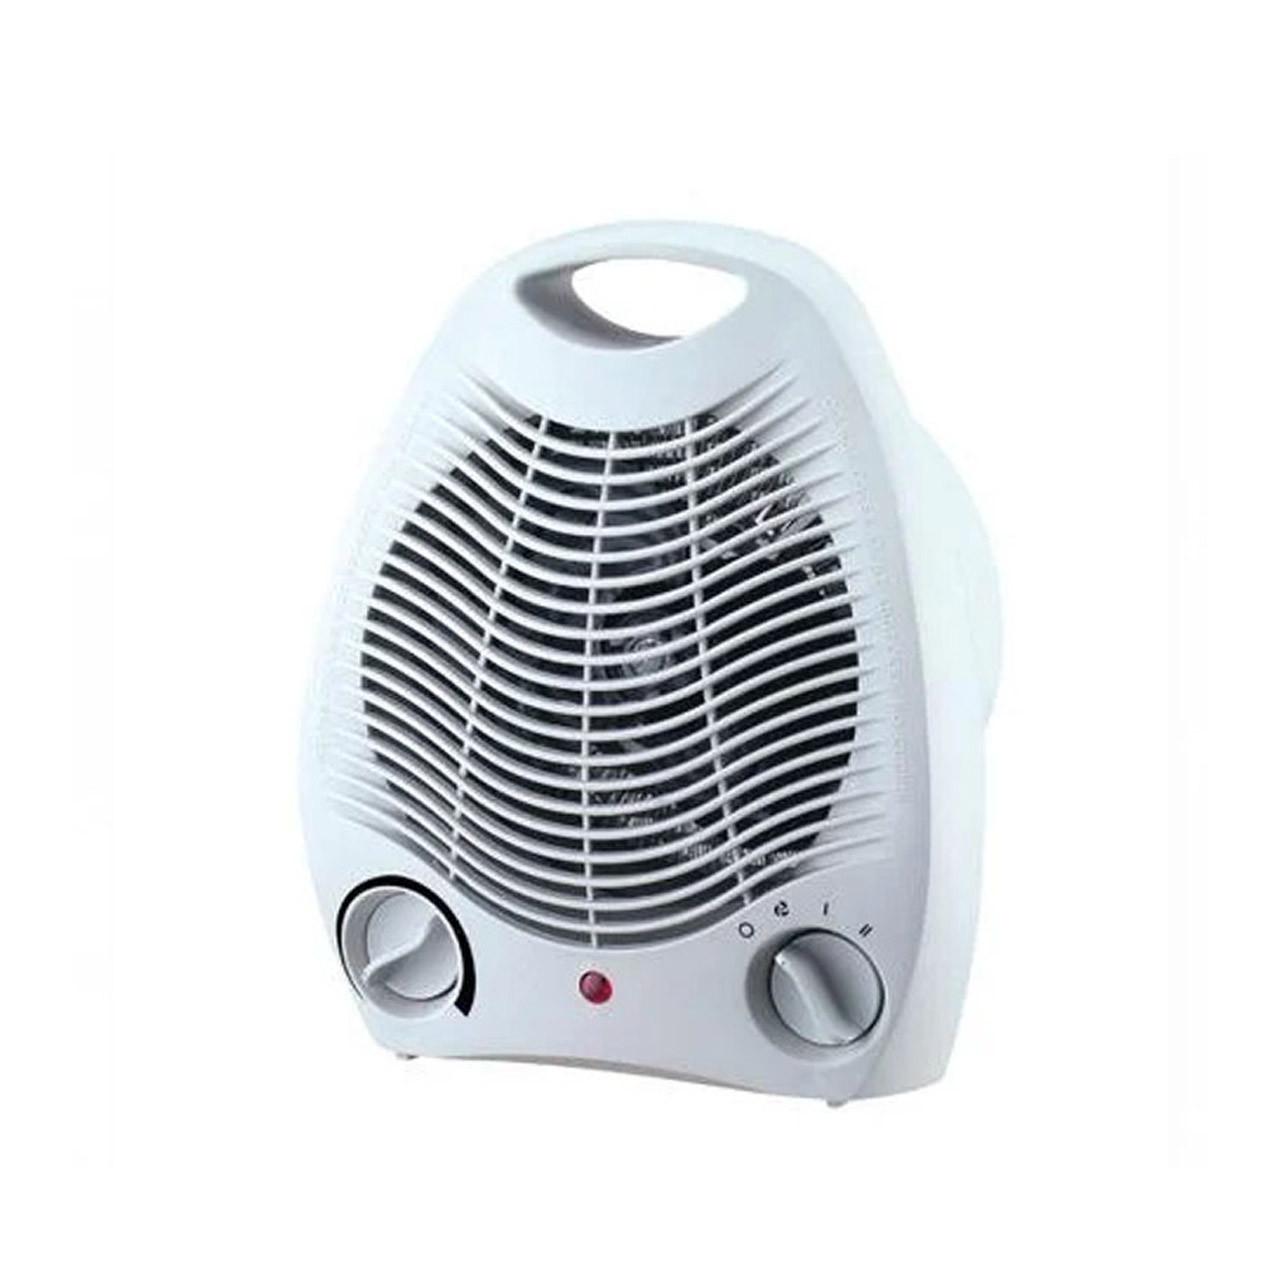 Електричний тепловентилятор Calore FH-VR-2